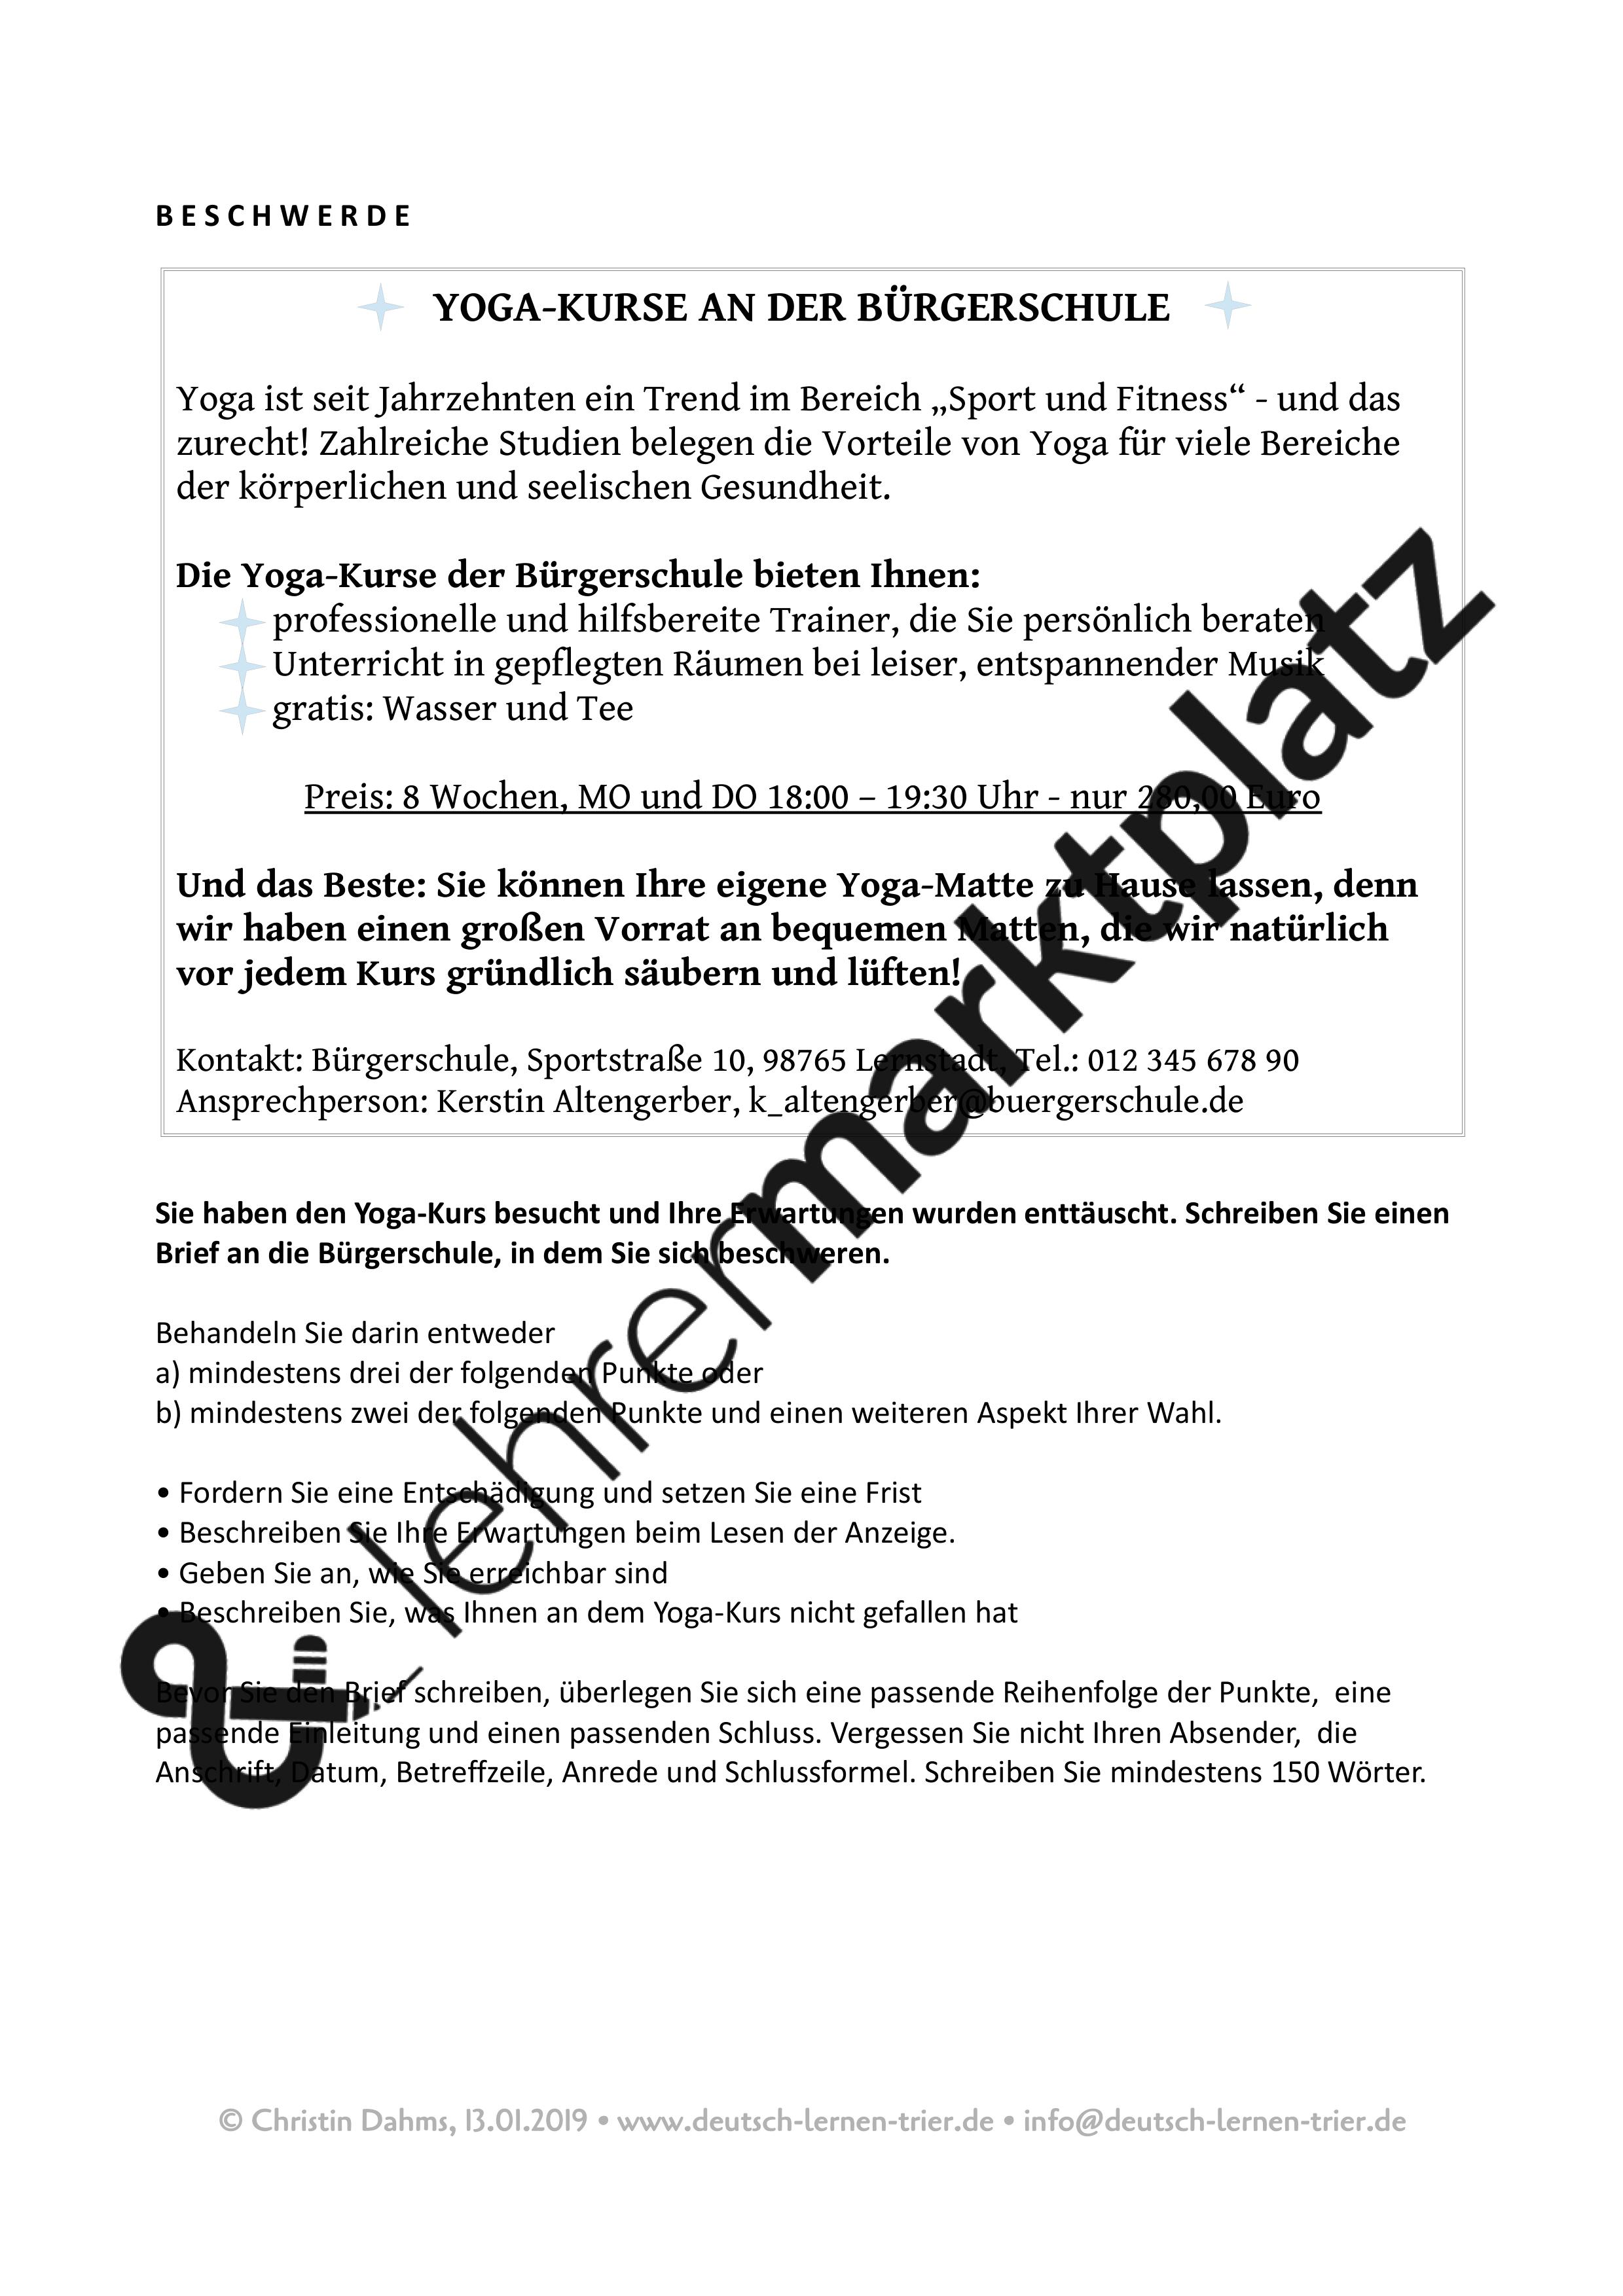 B2 Schriftlicher Ausdruck 4 Briefe Bitte Um Informationen Beschwerde Bewerbung Anmeldung Unterrichtsmaterial Im Fach Daz Daf Deutsche Sprache Schreibaufgaben Bewerbung